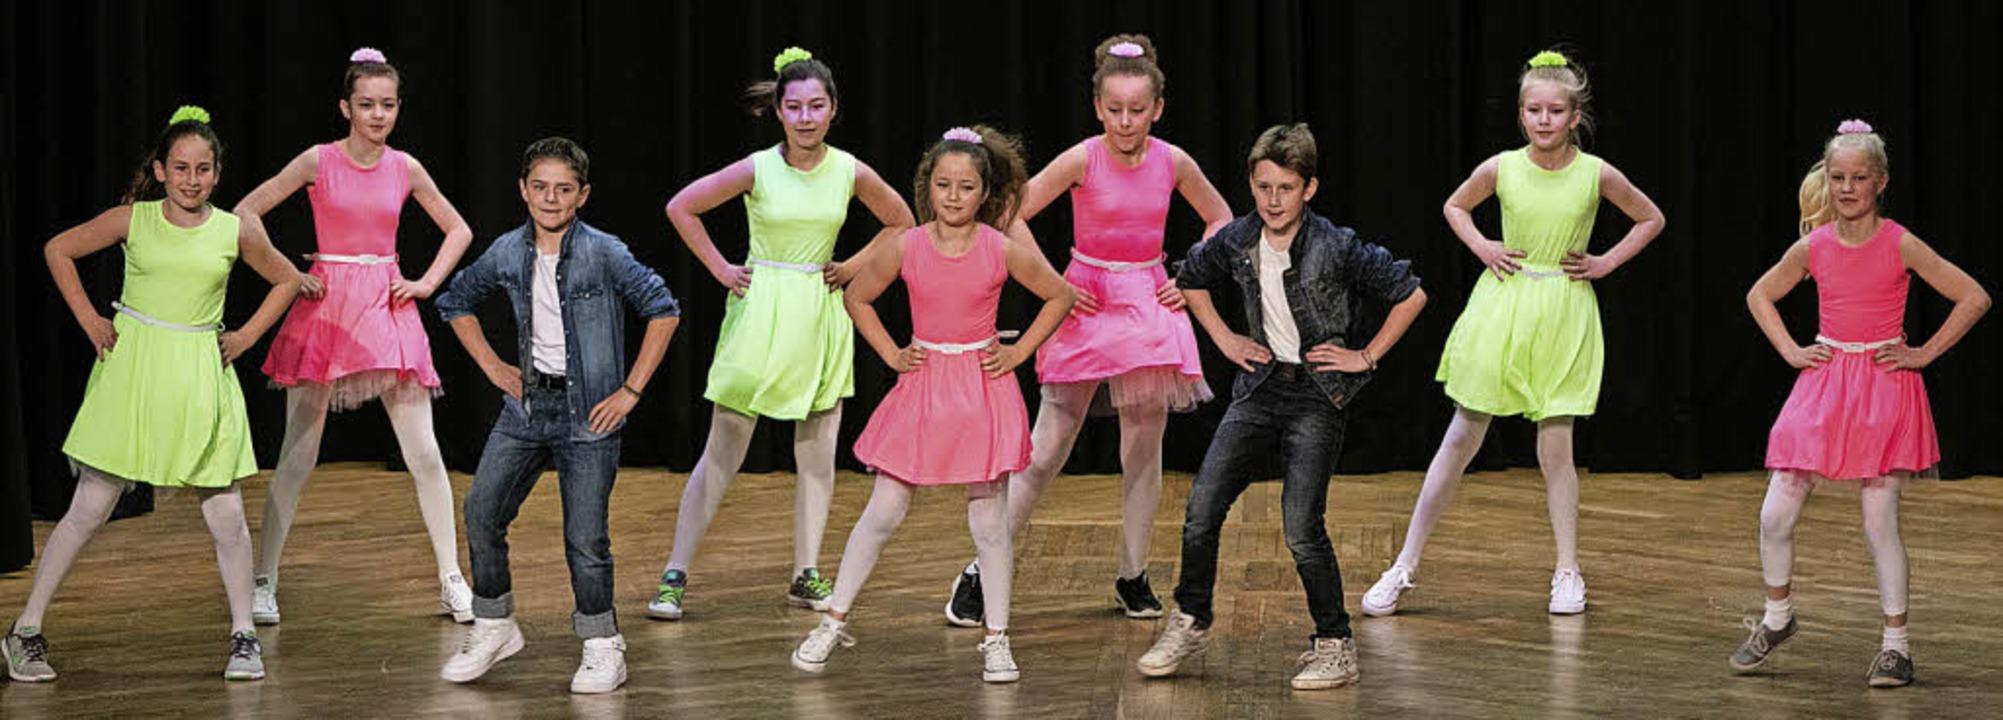 Beim Tanzwettbewerb zeigen Schüler selbst choreografierte Tänze.    Foto: Gabriele Zahn